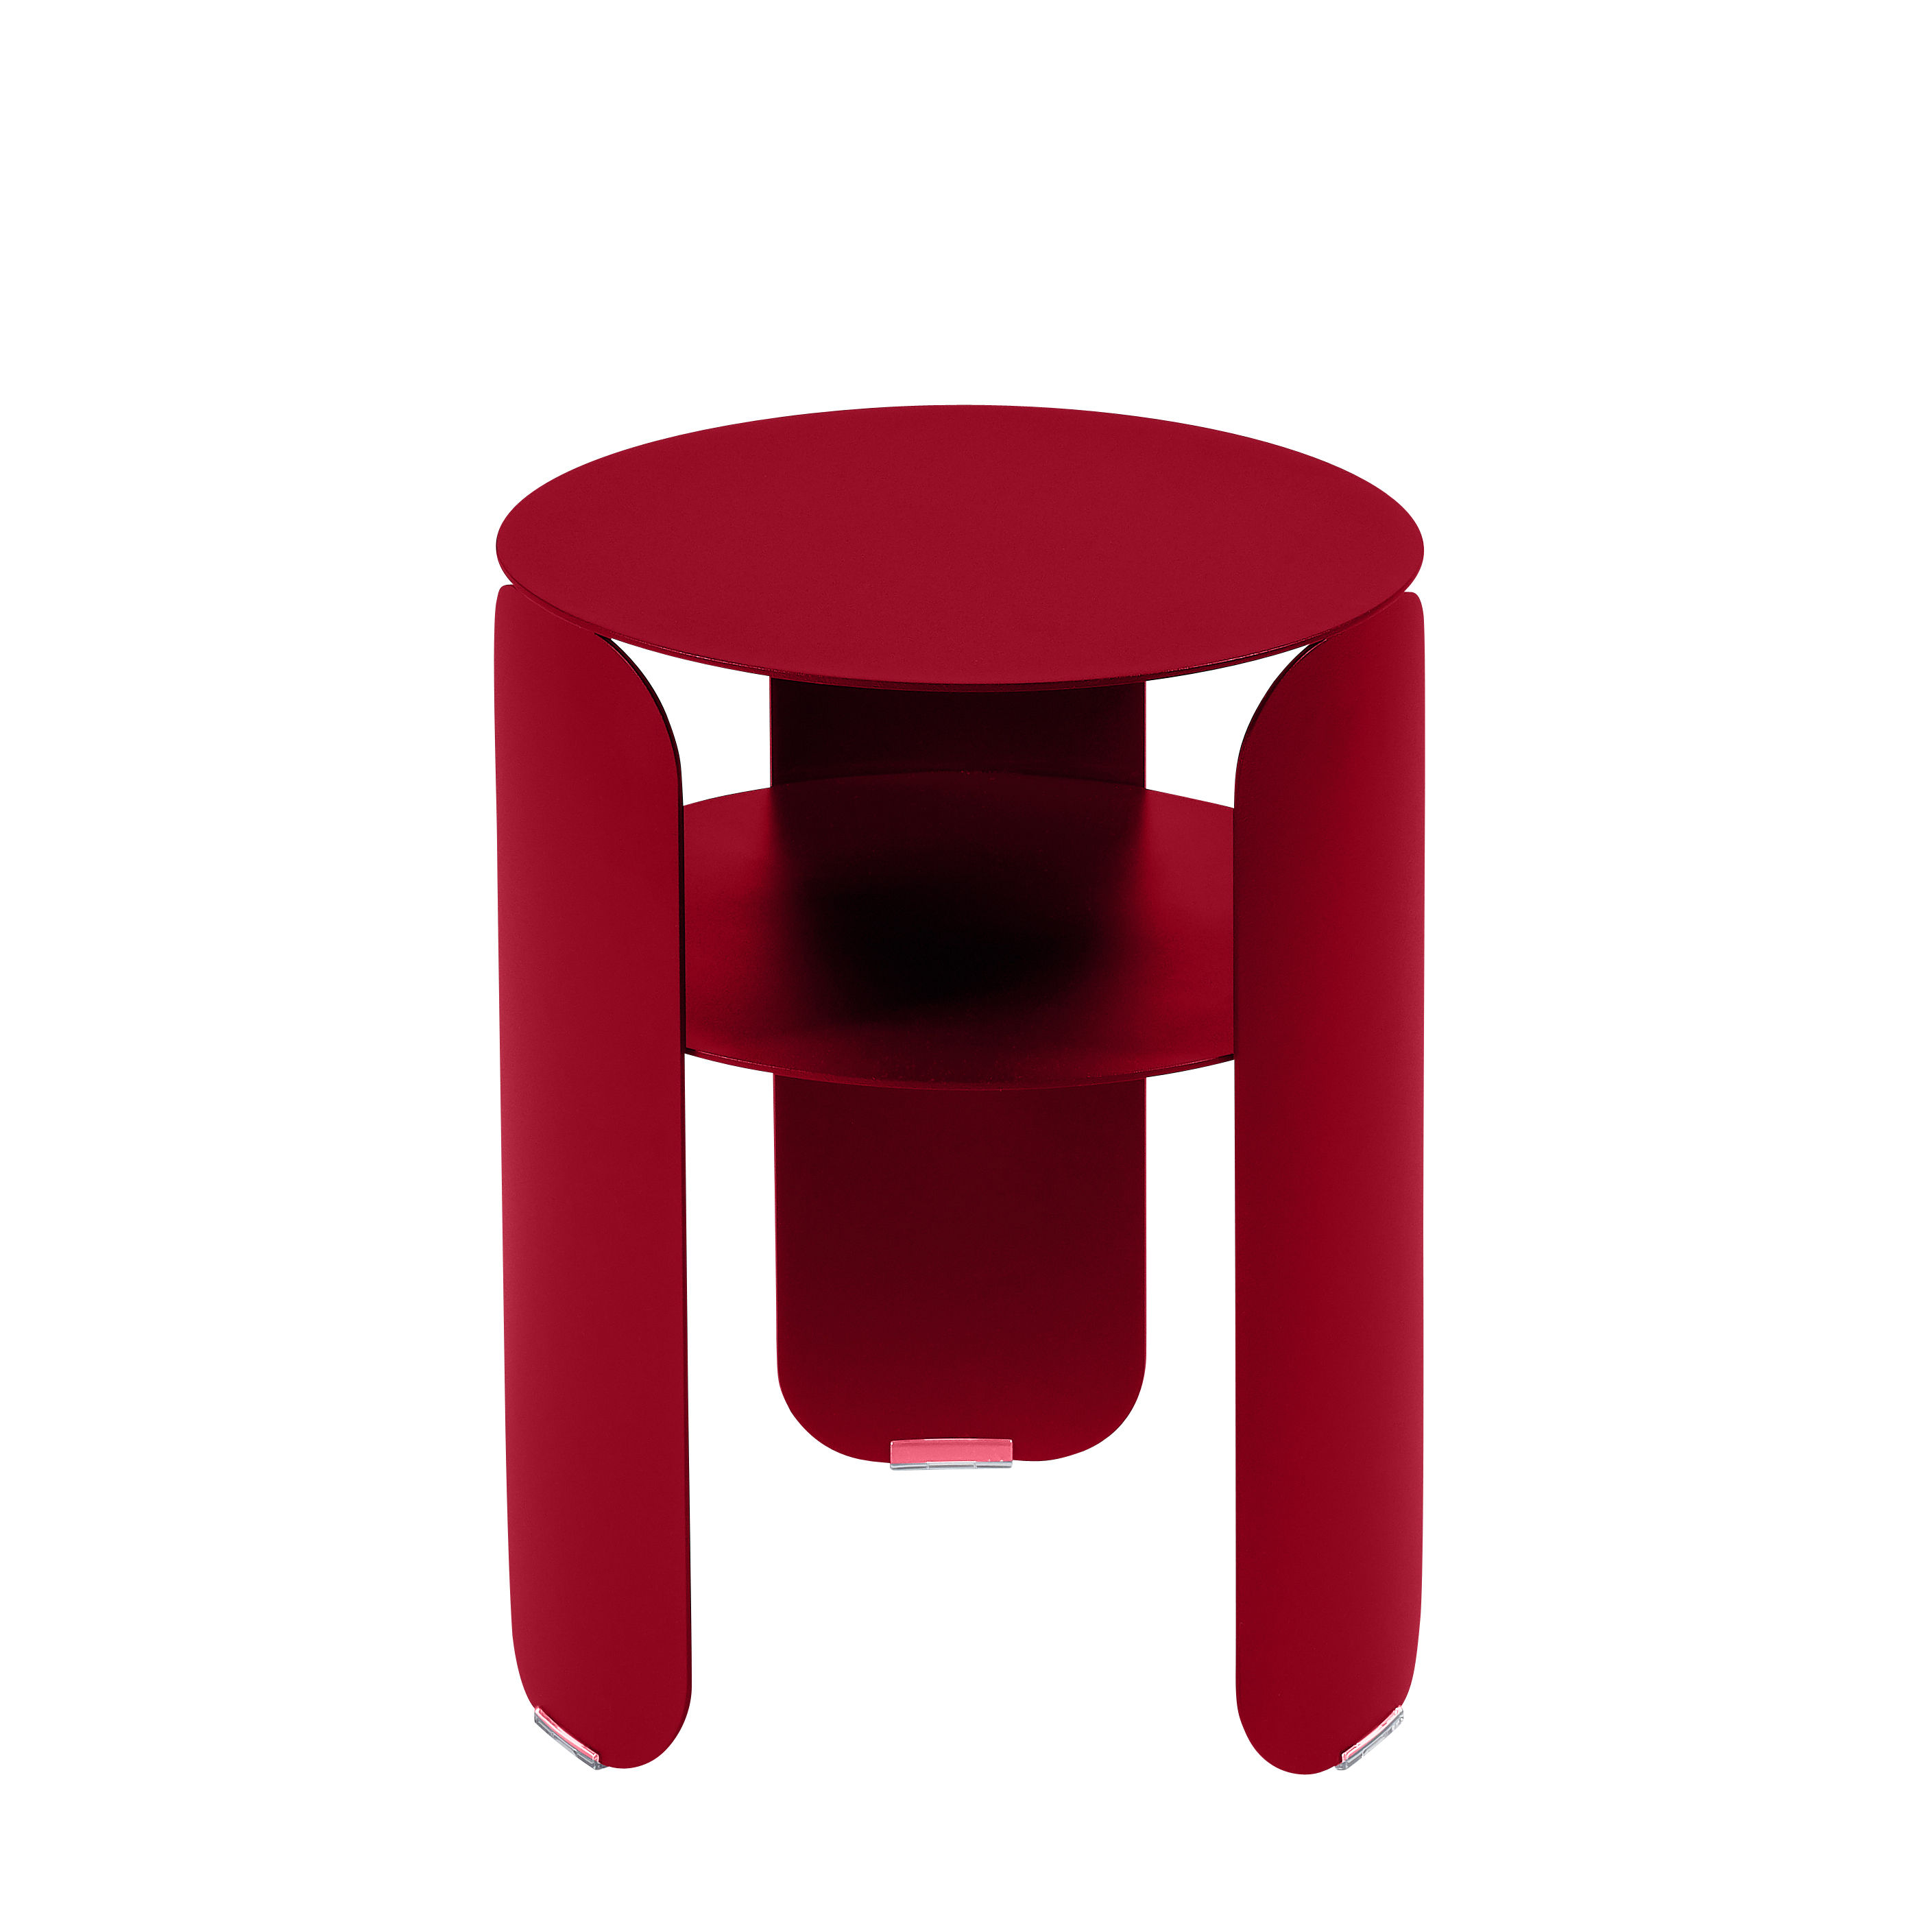 Möbel - Couchtische - Bebop Beistelltisch / Ø 35 x H 45 cm - Fermob - Chili - bemaltes Aluminium